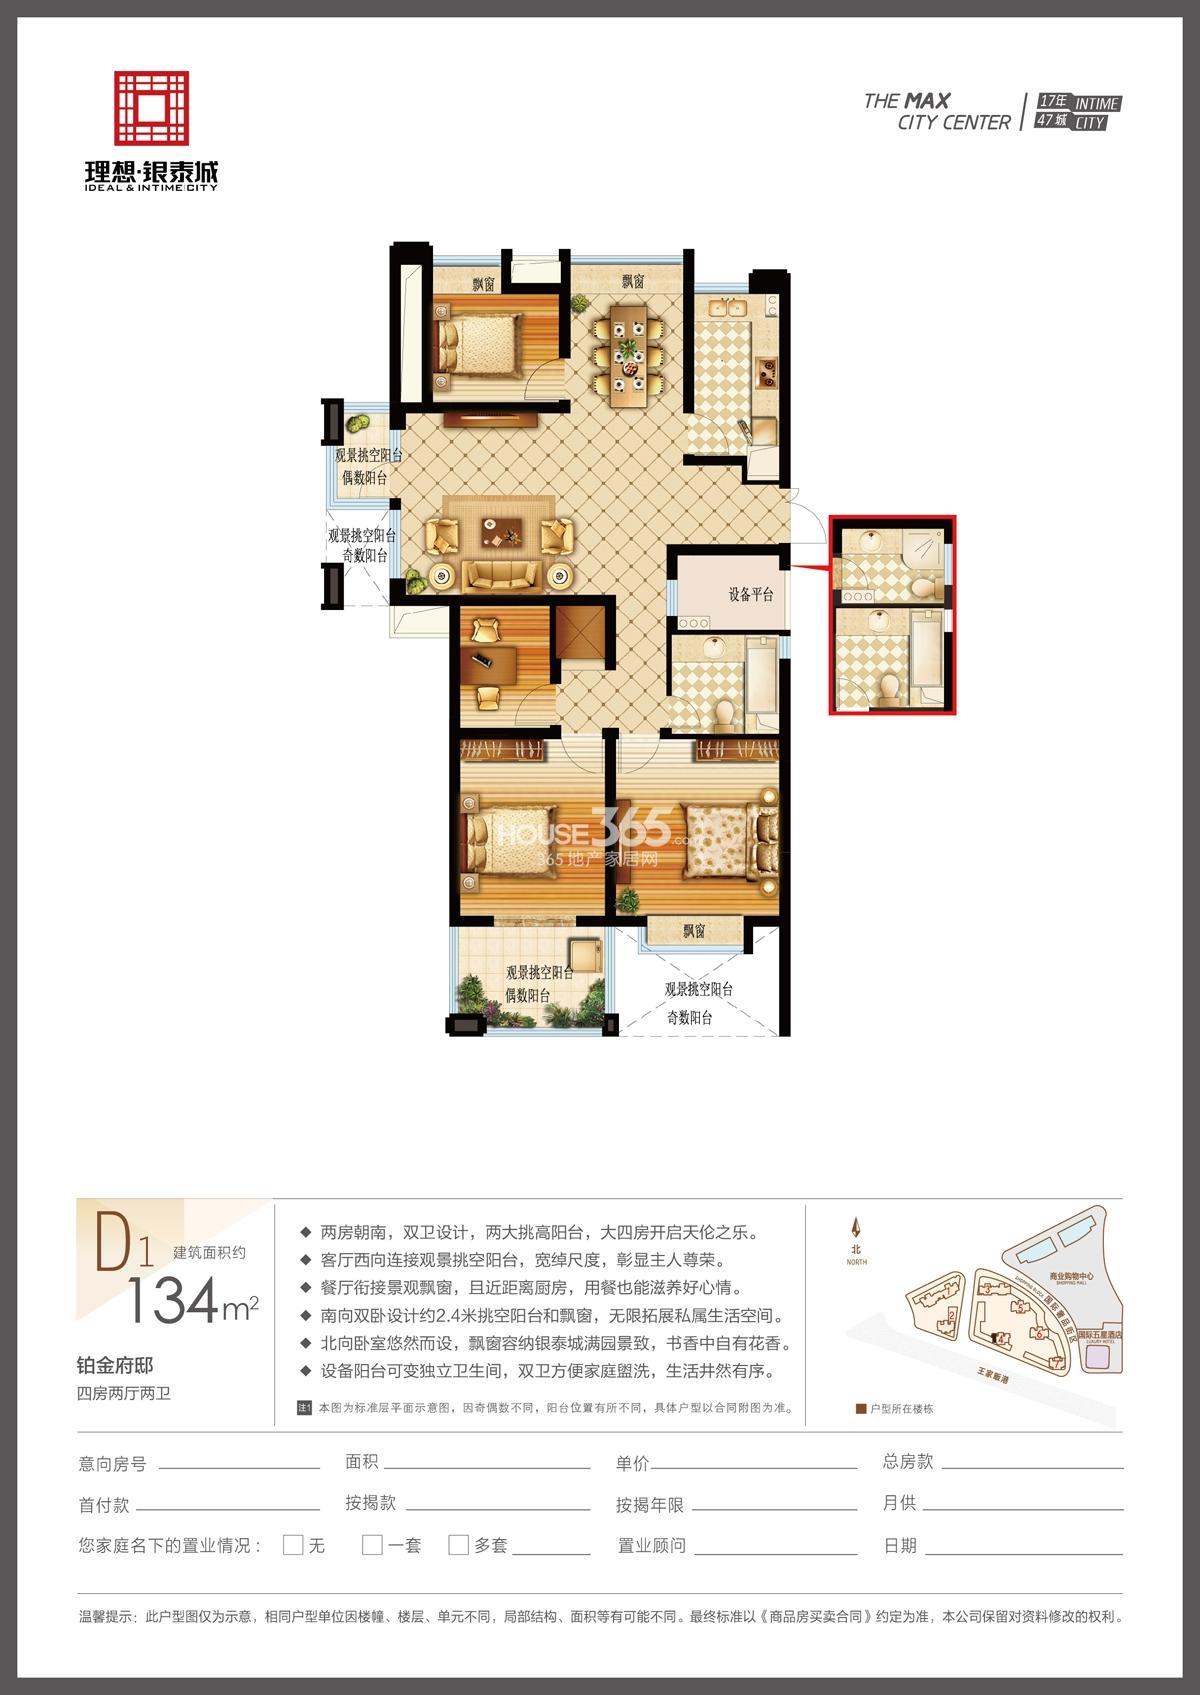 理想银泰城4号楼D1户型134方四房两厅两卫户型图